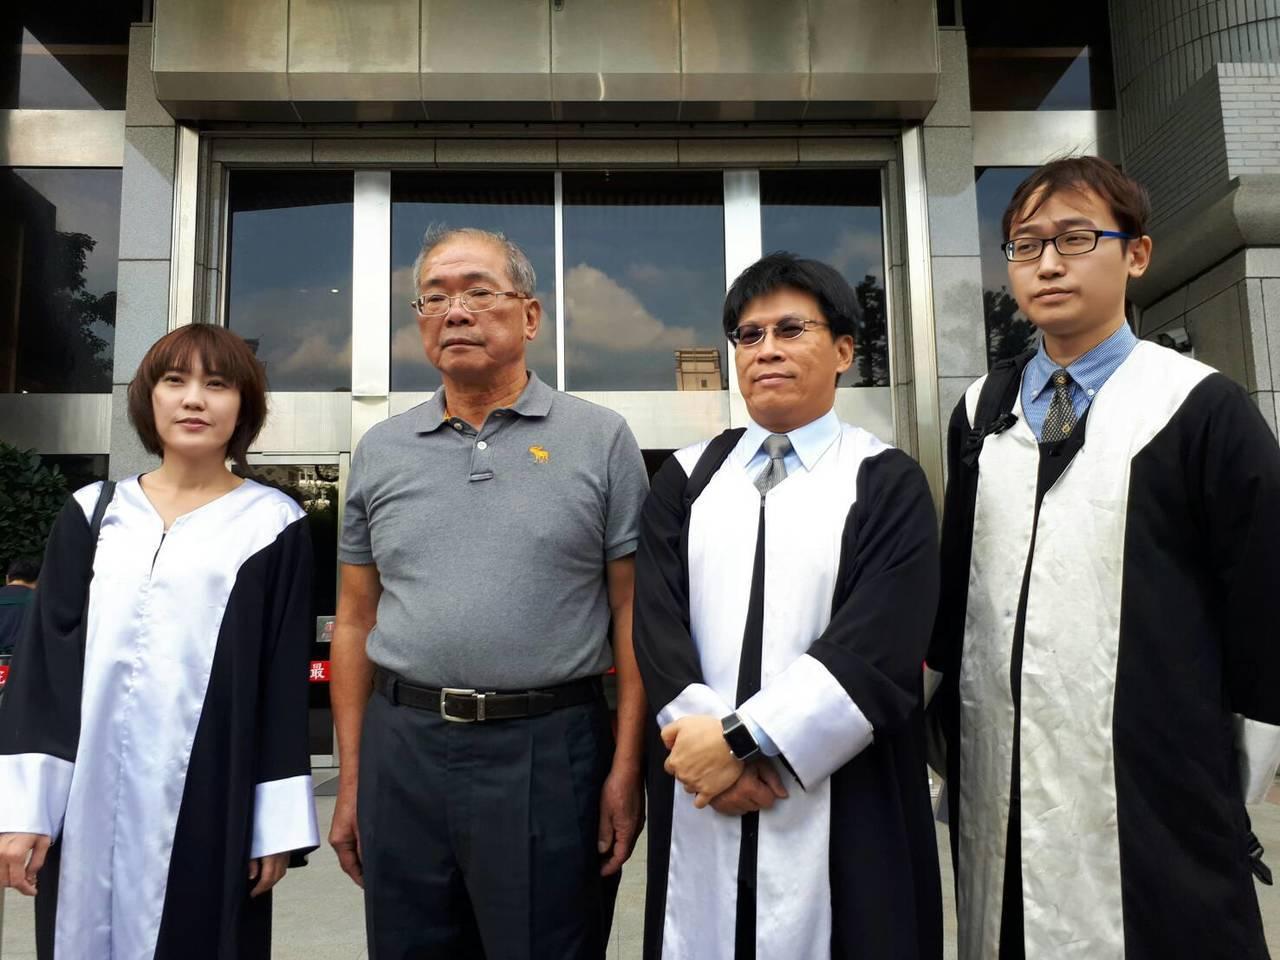 蘇炳坤(左二)聲請再審,檢方抗告,最高法院開庭,律師高涌誠(右二)強調,雖然總統...